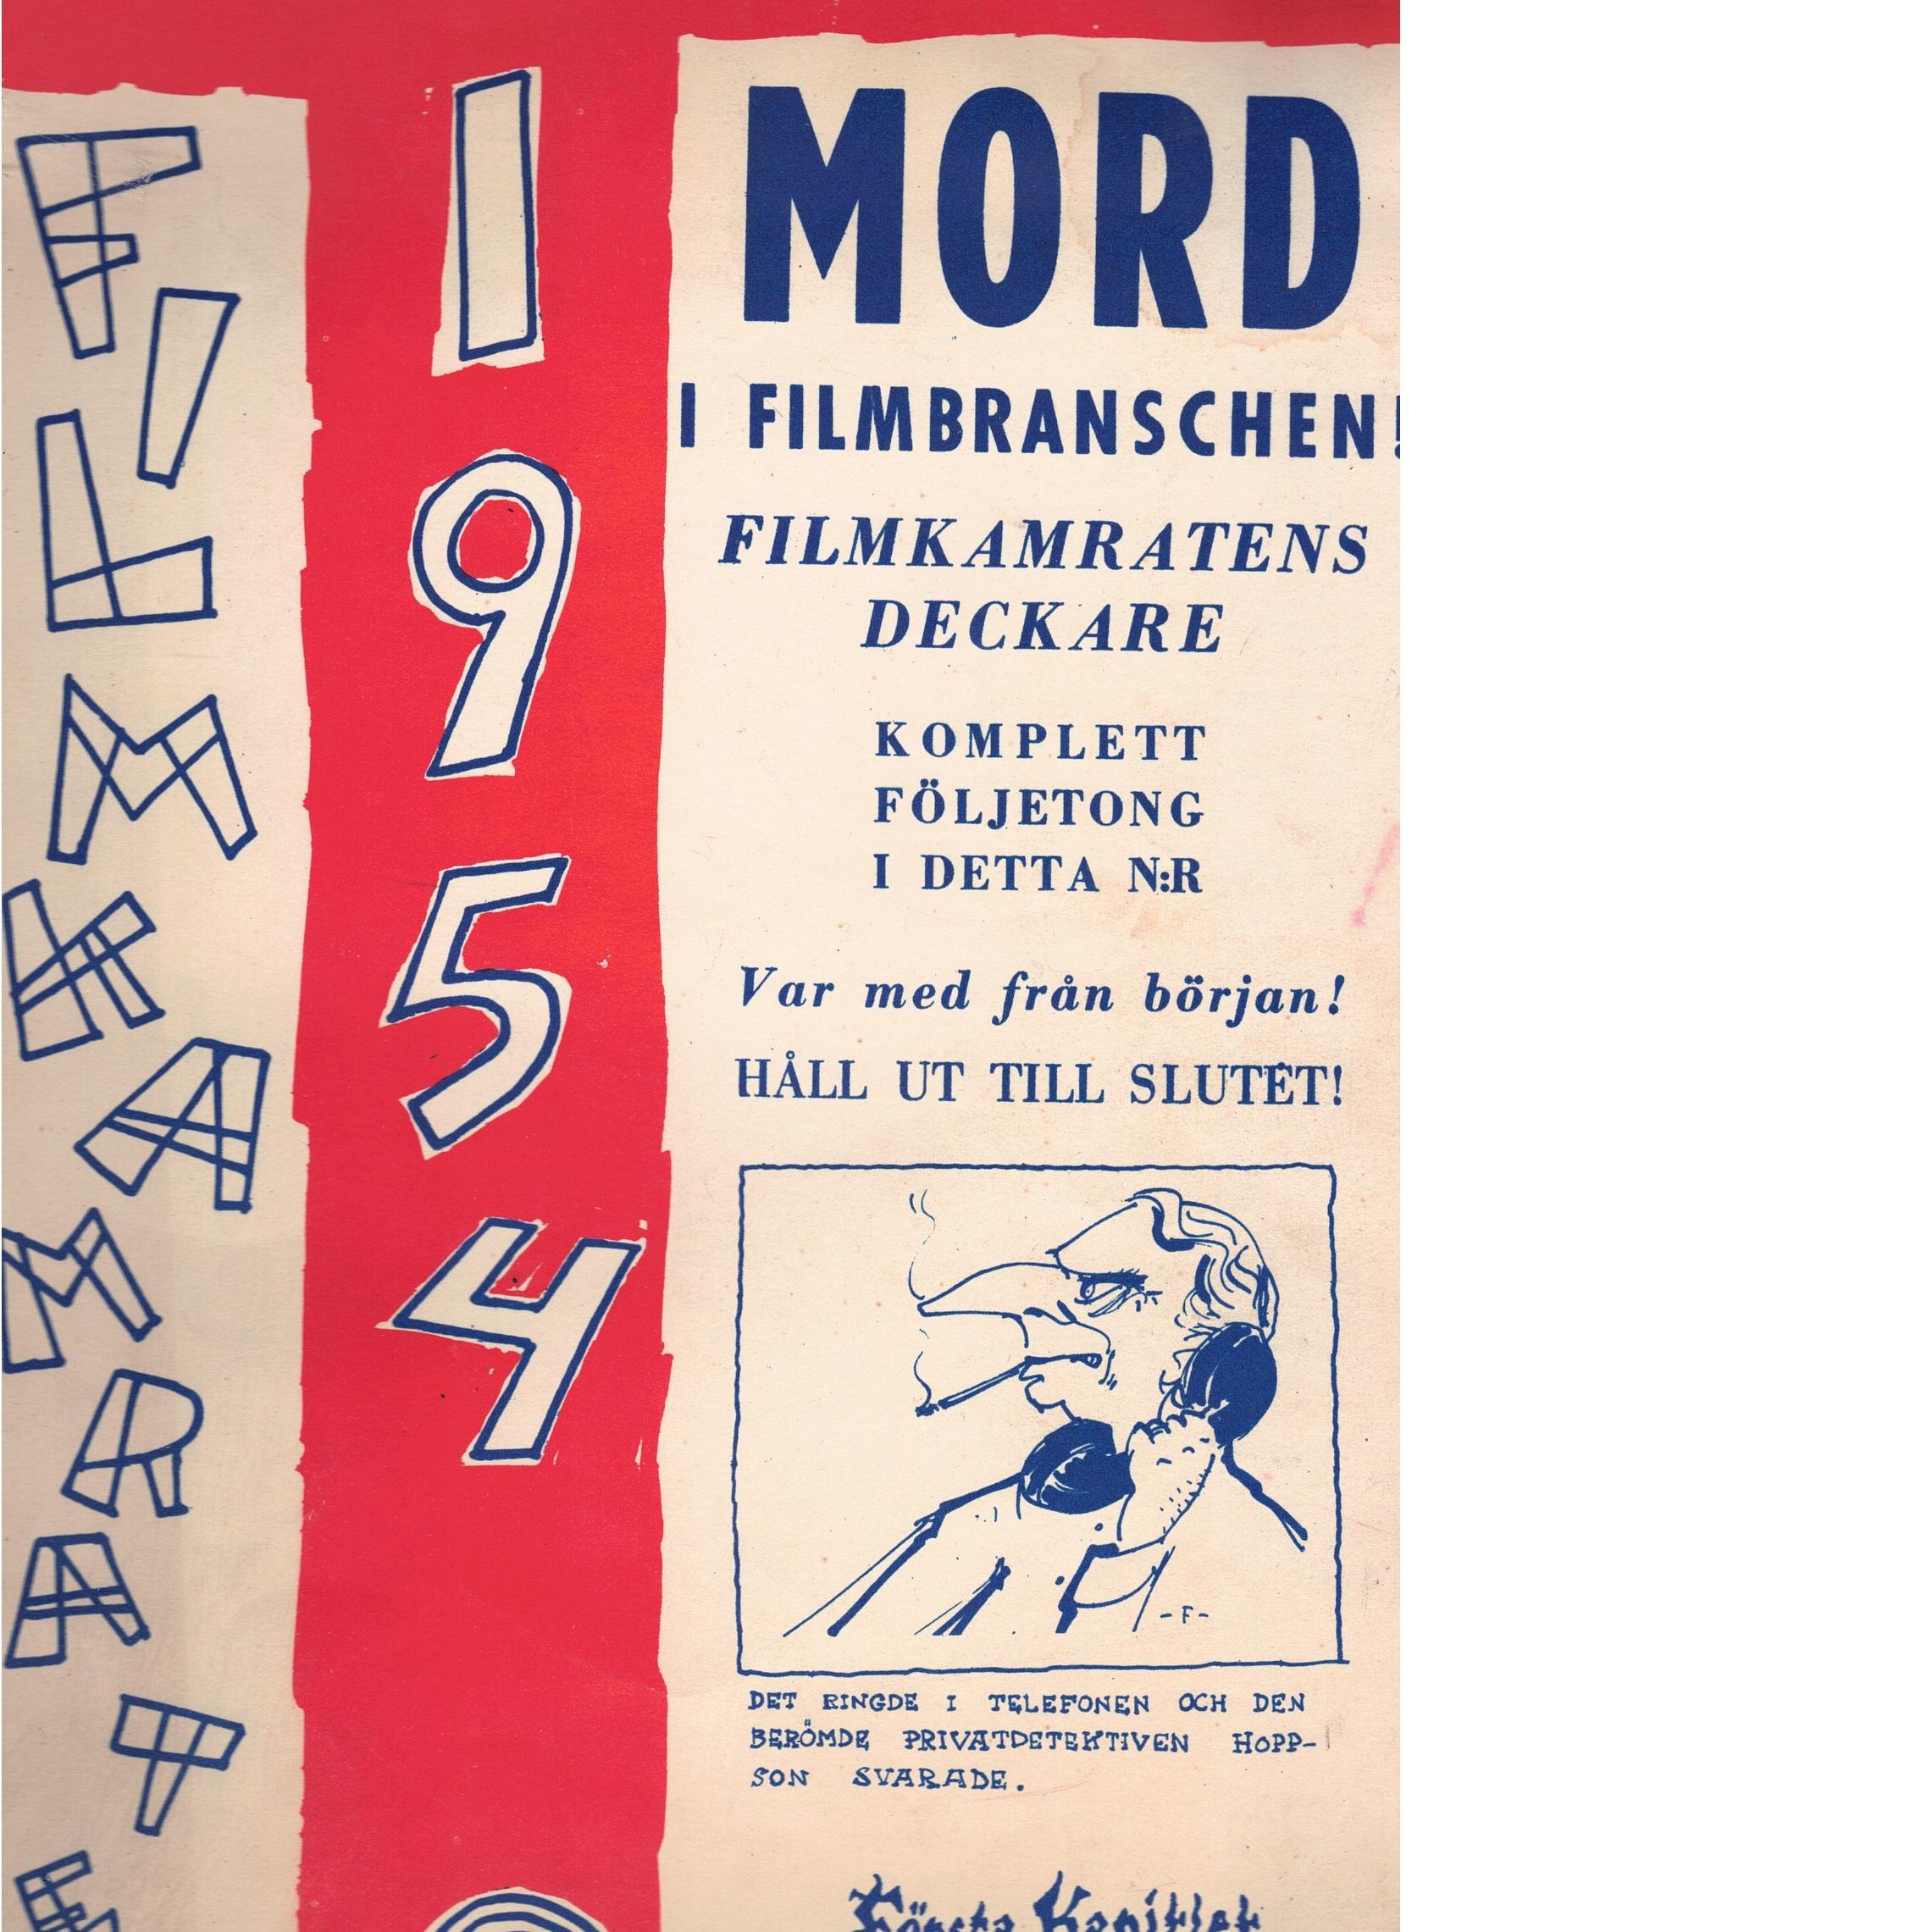 Filmkamraten 1954 : föreningen filmkamraternas årspublikation - Red.